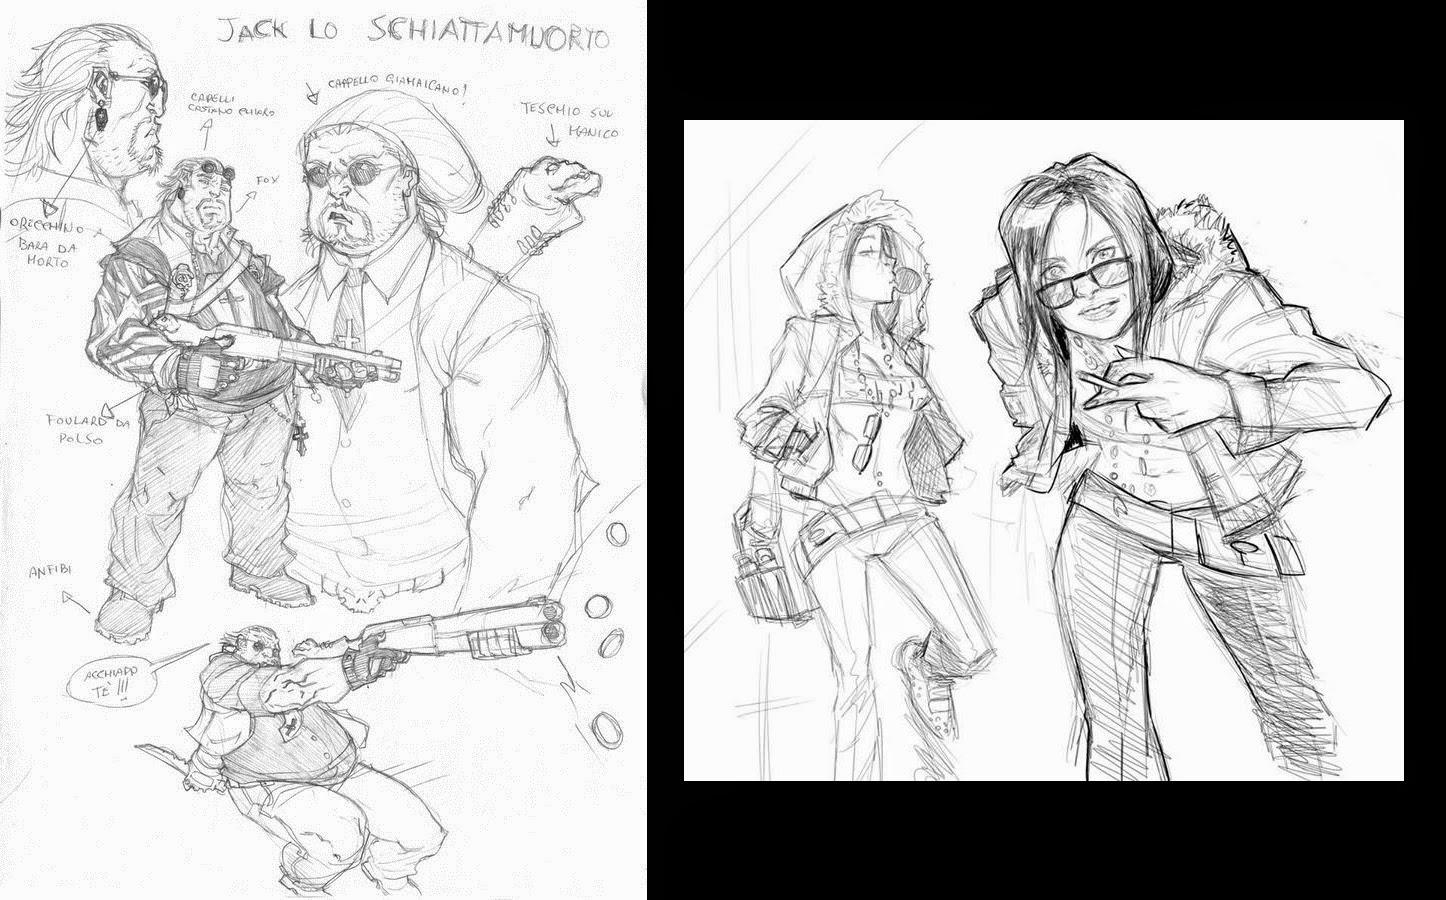 47 - Dead Man Talking, sketch per Jack lo Schiattamuorto e Mariarca